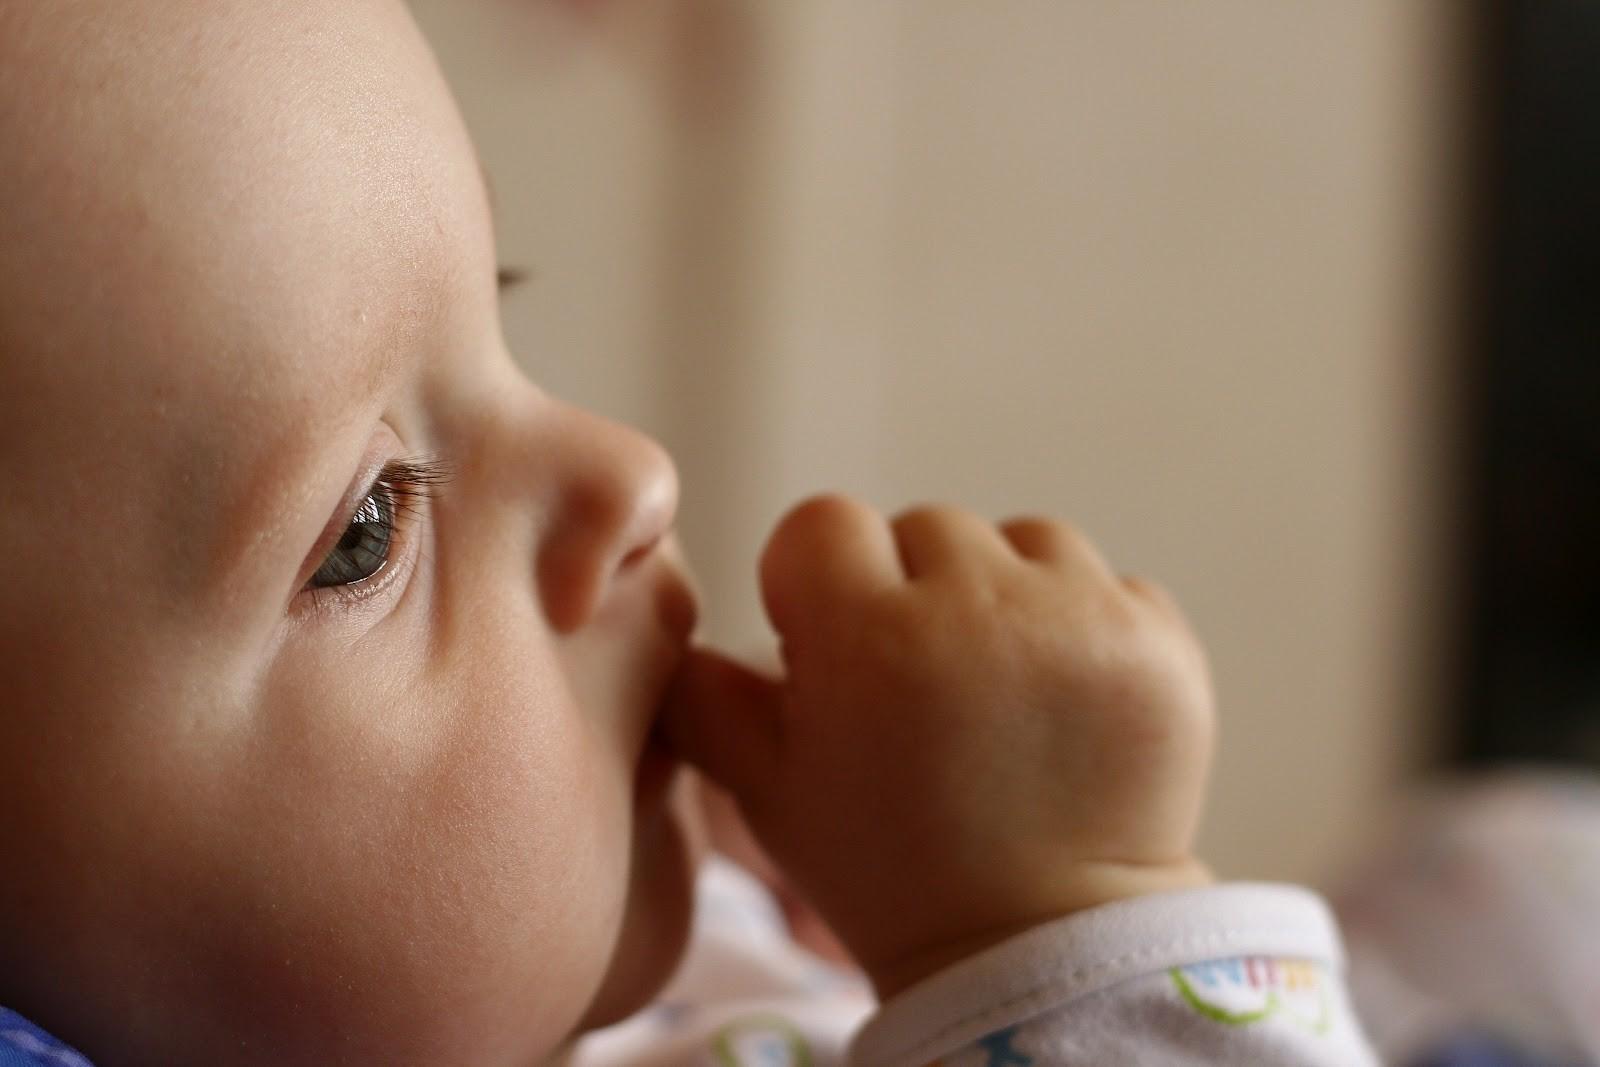 Moms, Jangan Hambat Fase Oral si Kecil!